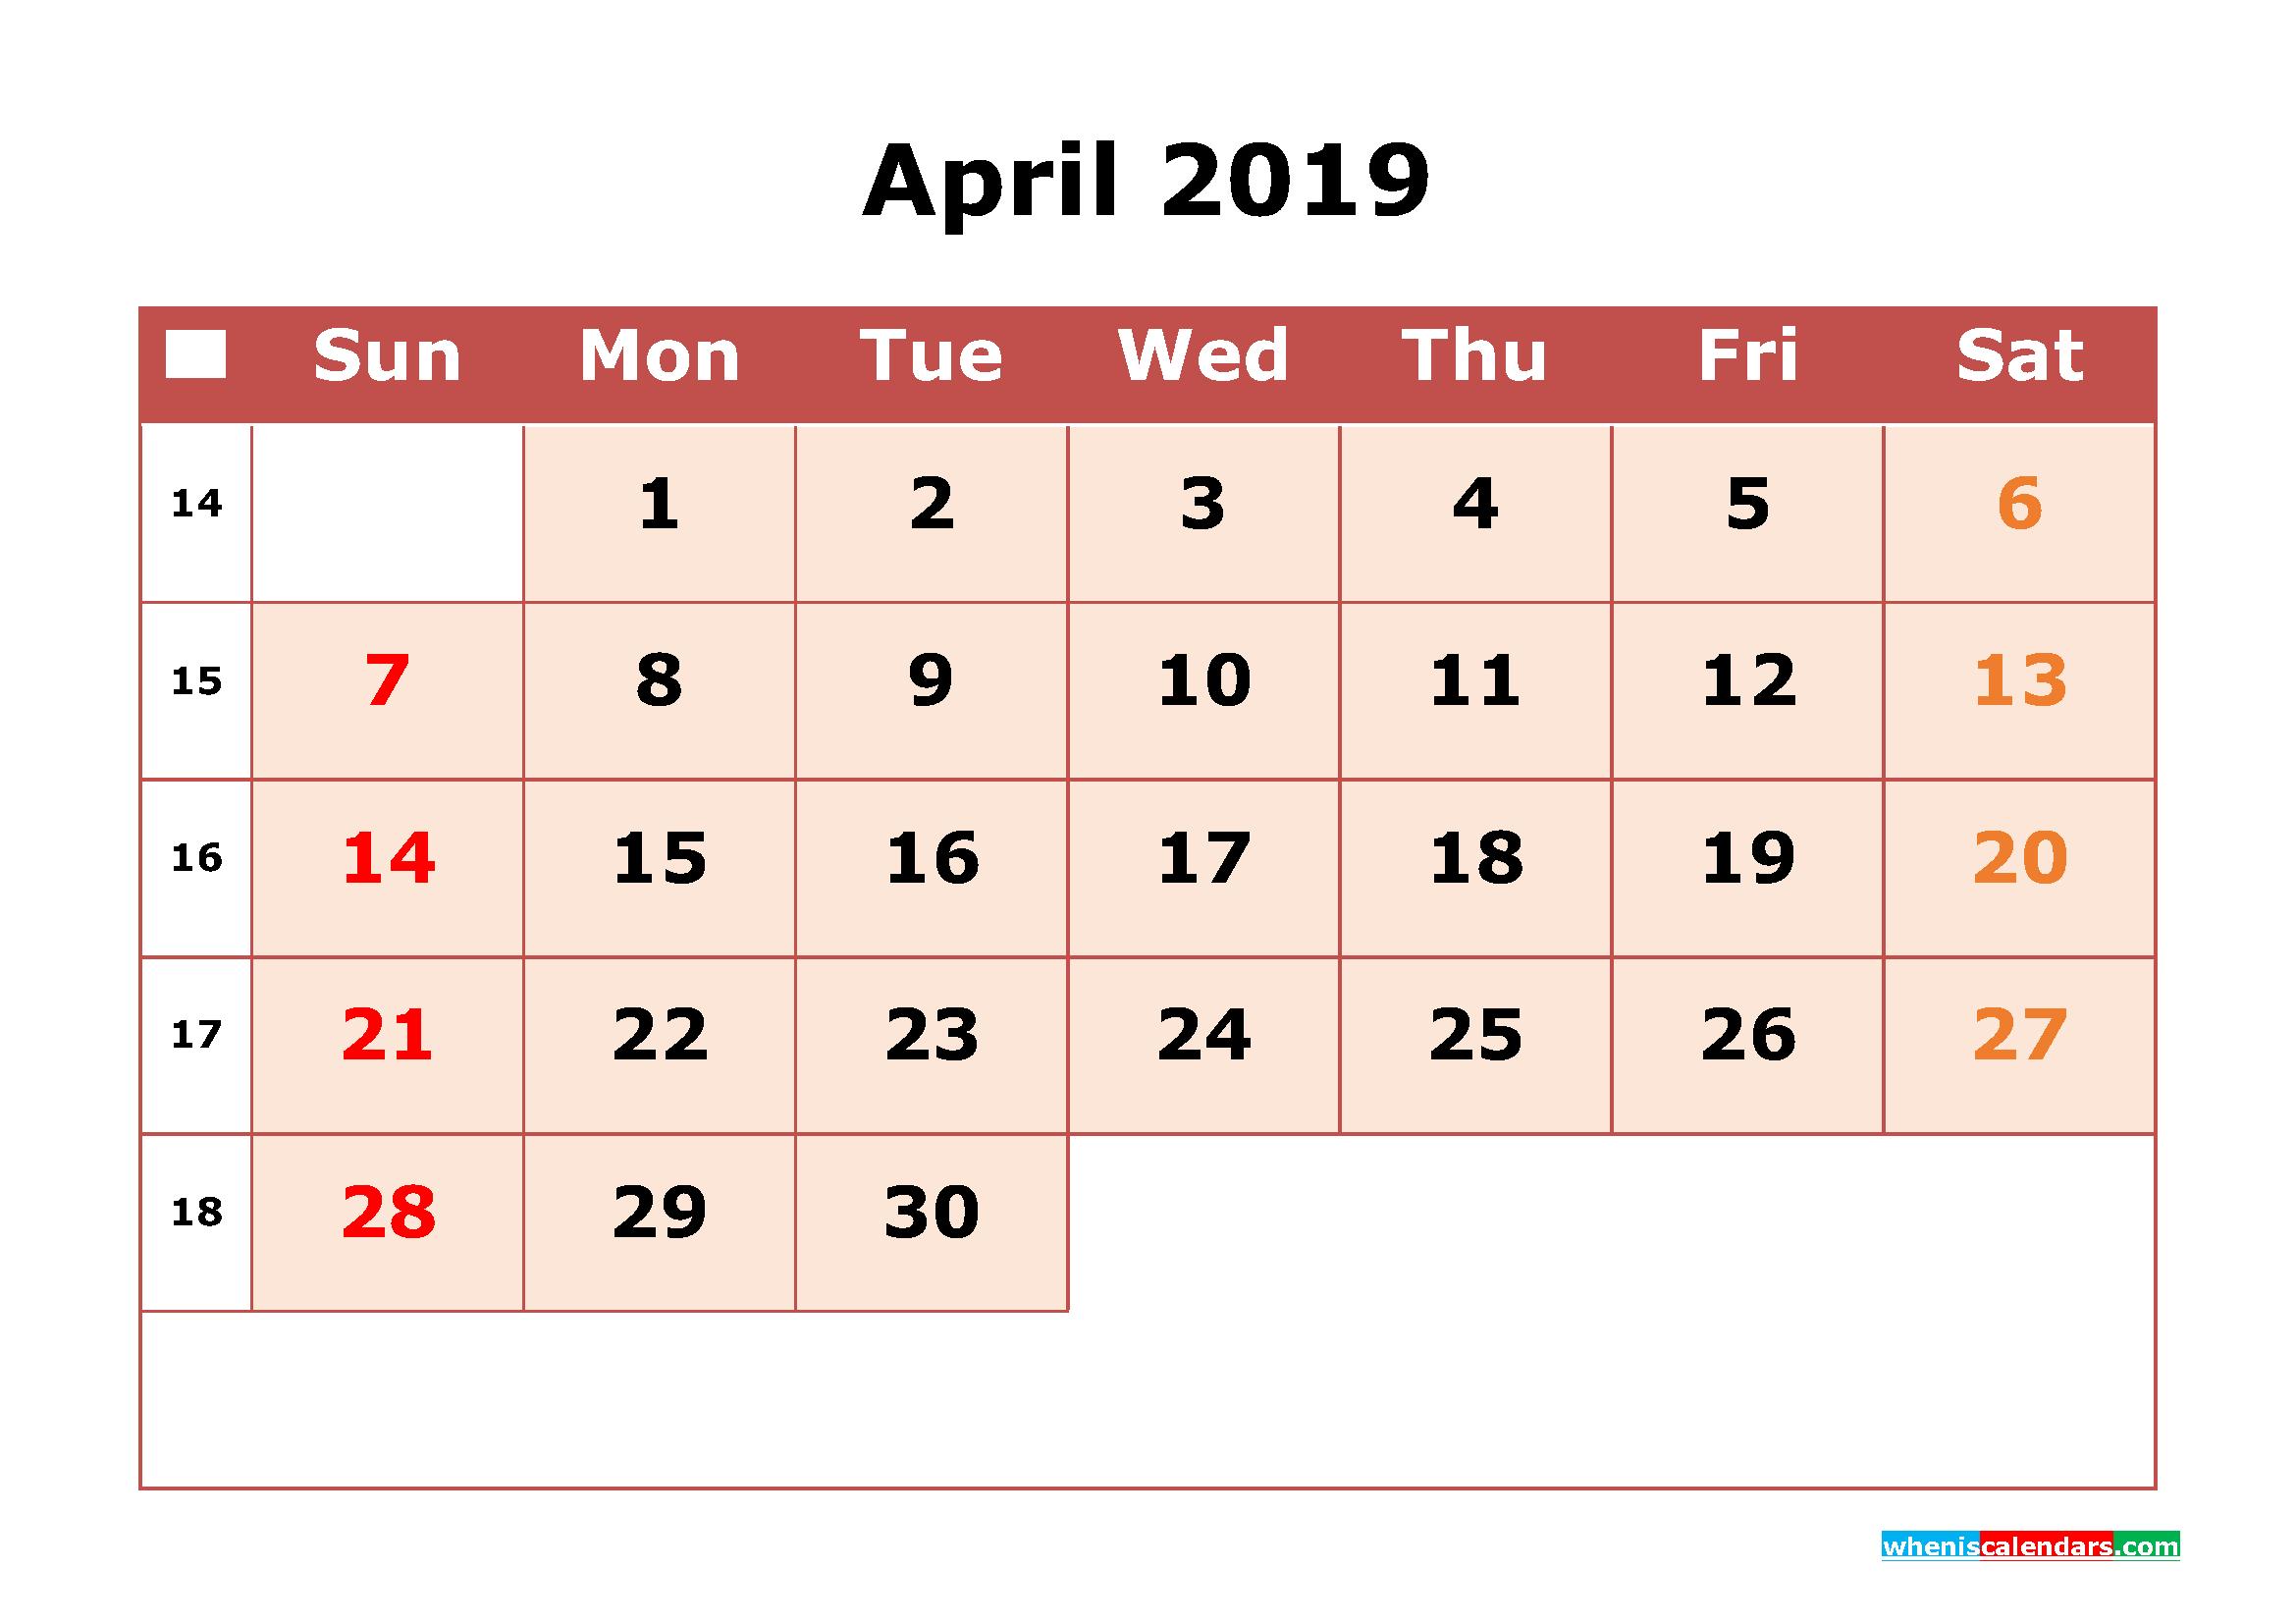 Get Free April 2019 Printable Calendar with Week Numbers as PDF, Image